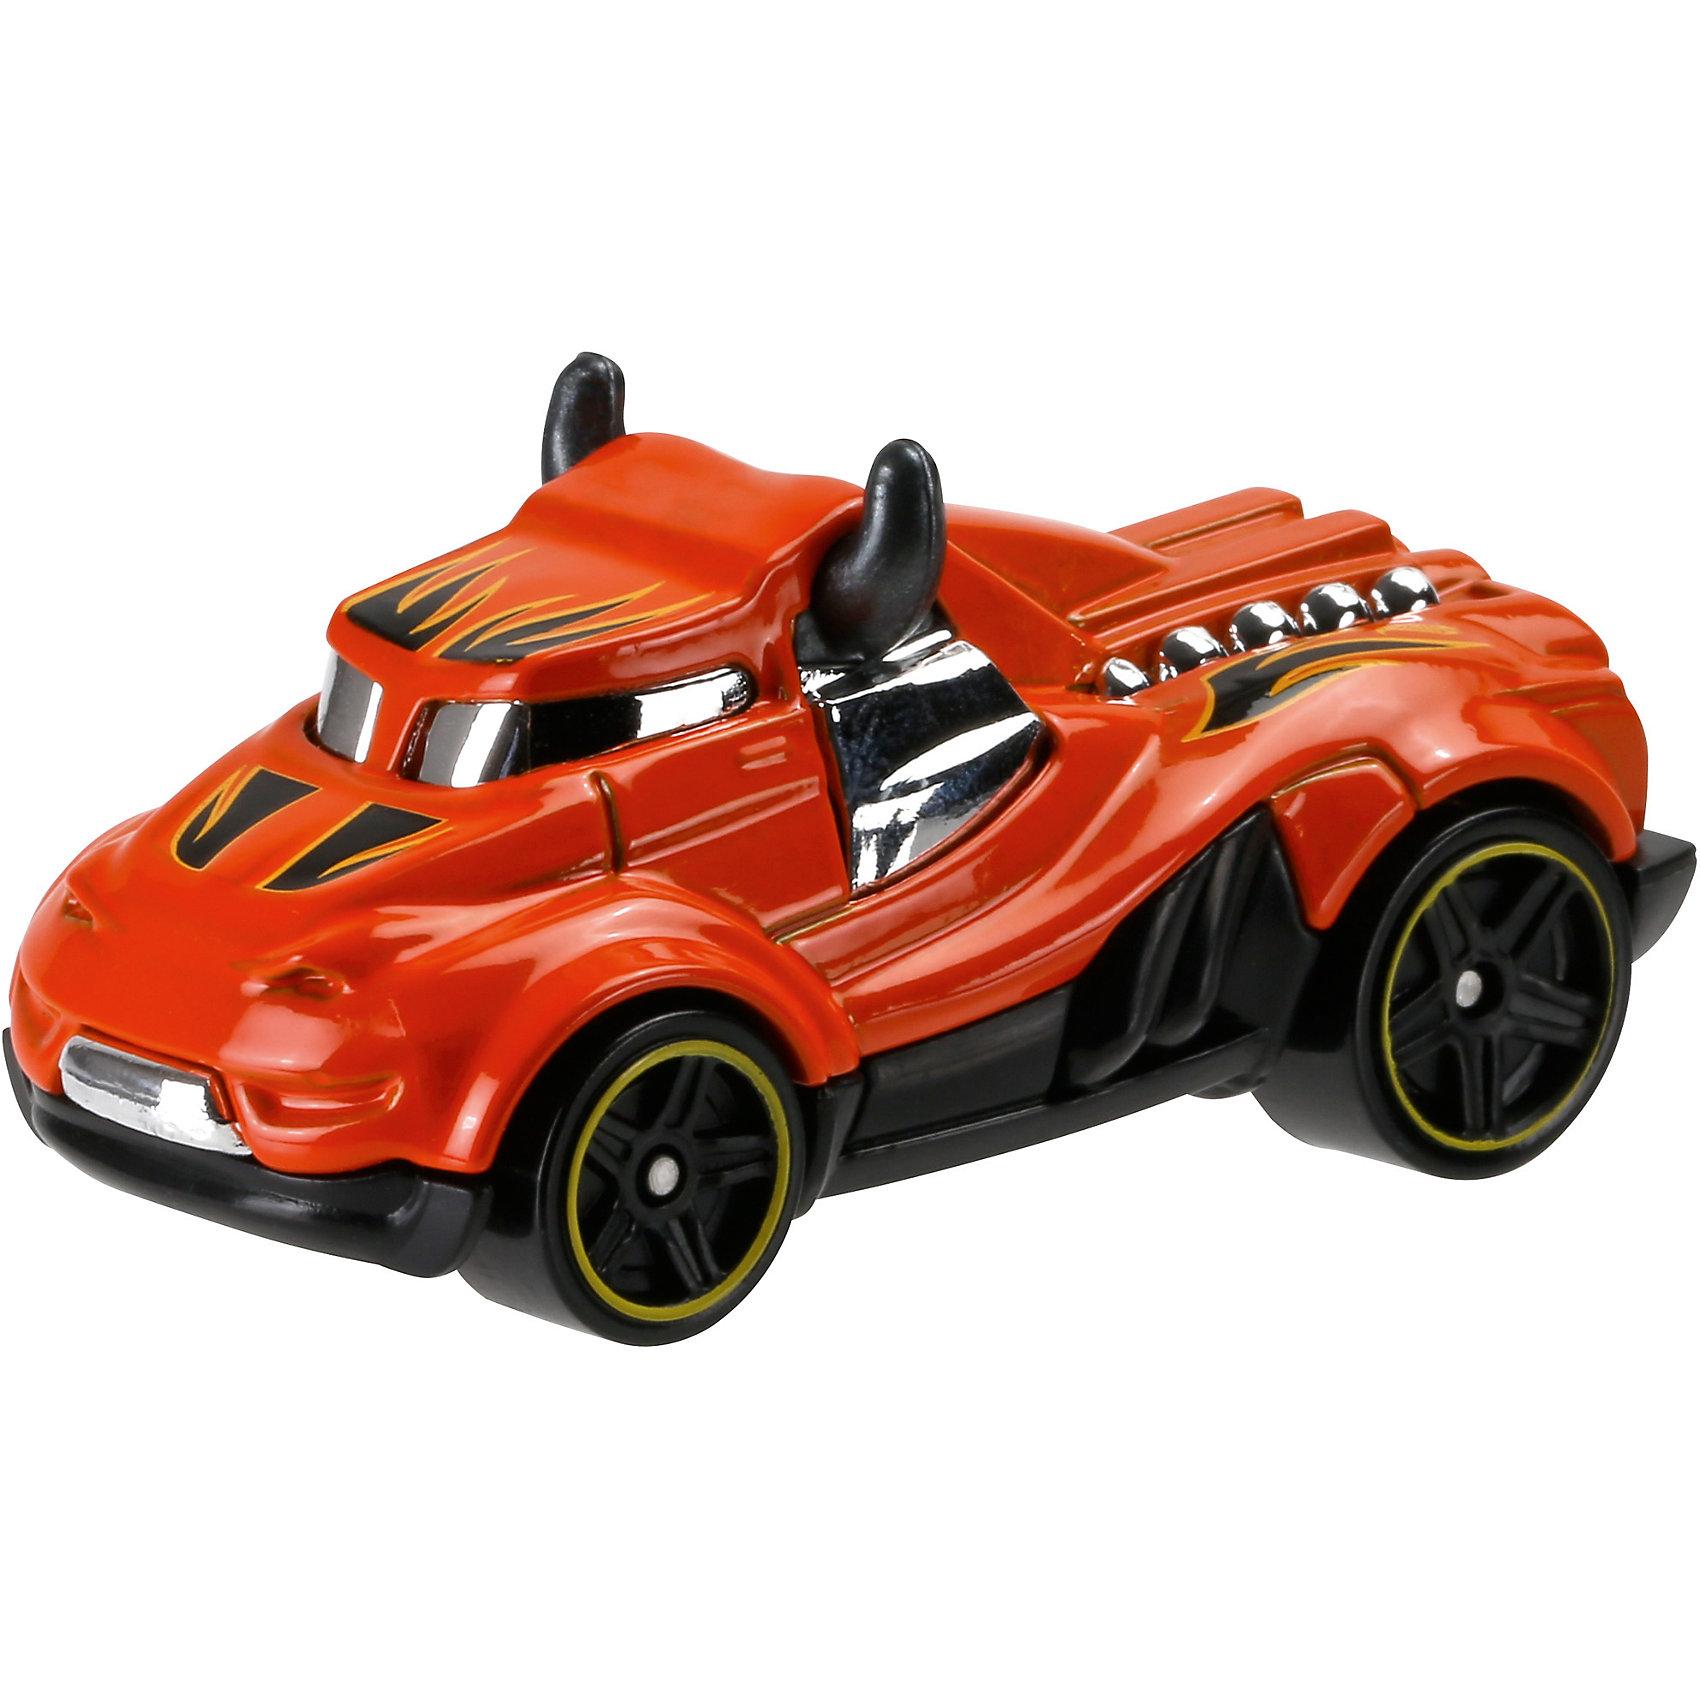 Машинка Hot Wheels из базовой коллекцииМашинка Hot Wheels из базовой коллекции – высококачественная масштабная модель машины, имеющая неординарный, радикальный дизайн. <br><br>В упаковке 1 машинка,  машинки тематически обусловлены от фантазийных, спасательных до экстремальных и просто скоростных машин. <br><br>Соберите свою коллекцию машинок Hot Wheels!<br><br>Дополнительная информация: <br><br>Машинка стандартного размера Hot Wheels<br>Размер упаковки: 11 х 10,5 х 3,5 см<br><br>Ширина мм: 110<br>Глубина мм: 45<br>Высота мм: 110<br>Вес г: 30<br>Возраст от месяцев: 36<br>Возраст до месяцев: 96<br>Пол: Мужской<br>Возраст: Детский<br>SKU: 5033405